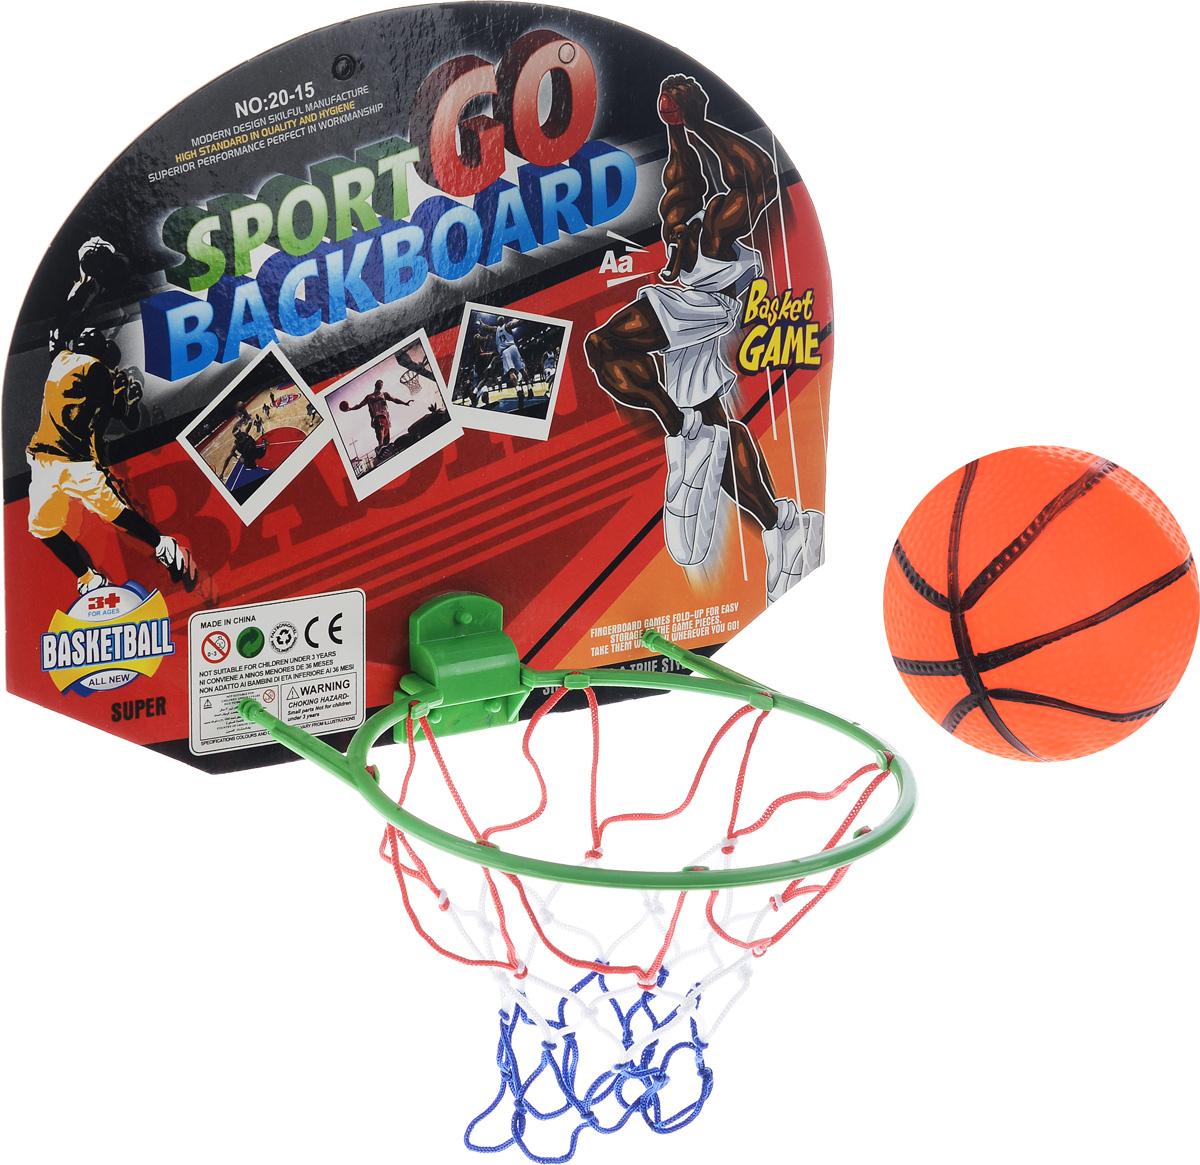 Набор для игры в баскетбол Torres TX13103120330_yellow/blackНабор для игры в баскетбол Torres TX13103, выполненный из ПВХ, текстиля и картона, состоит из корзины с сеткой и щитом, маленького резинового мячика, выполненного в виде баскетбольного и двух двусторонних клейких лент. Такой набор привлечет внимание каждого ребенка и станет отличным подарком юному любителю игр.Набор Torres TX13103 способствует развитию внимательности, ловкости и усидчивости, а также развивает любовь к спортивным играм.Размер щита: 38 х 27 см.Диаметр мяча: 10 см . Уважаемые клиенты!Обращаем ваше внимание на возможные изменения в цвете некоторых элементов набора. Поставка осуществляется в зависимости от наличия на складе.